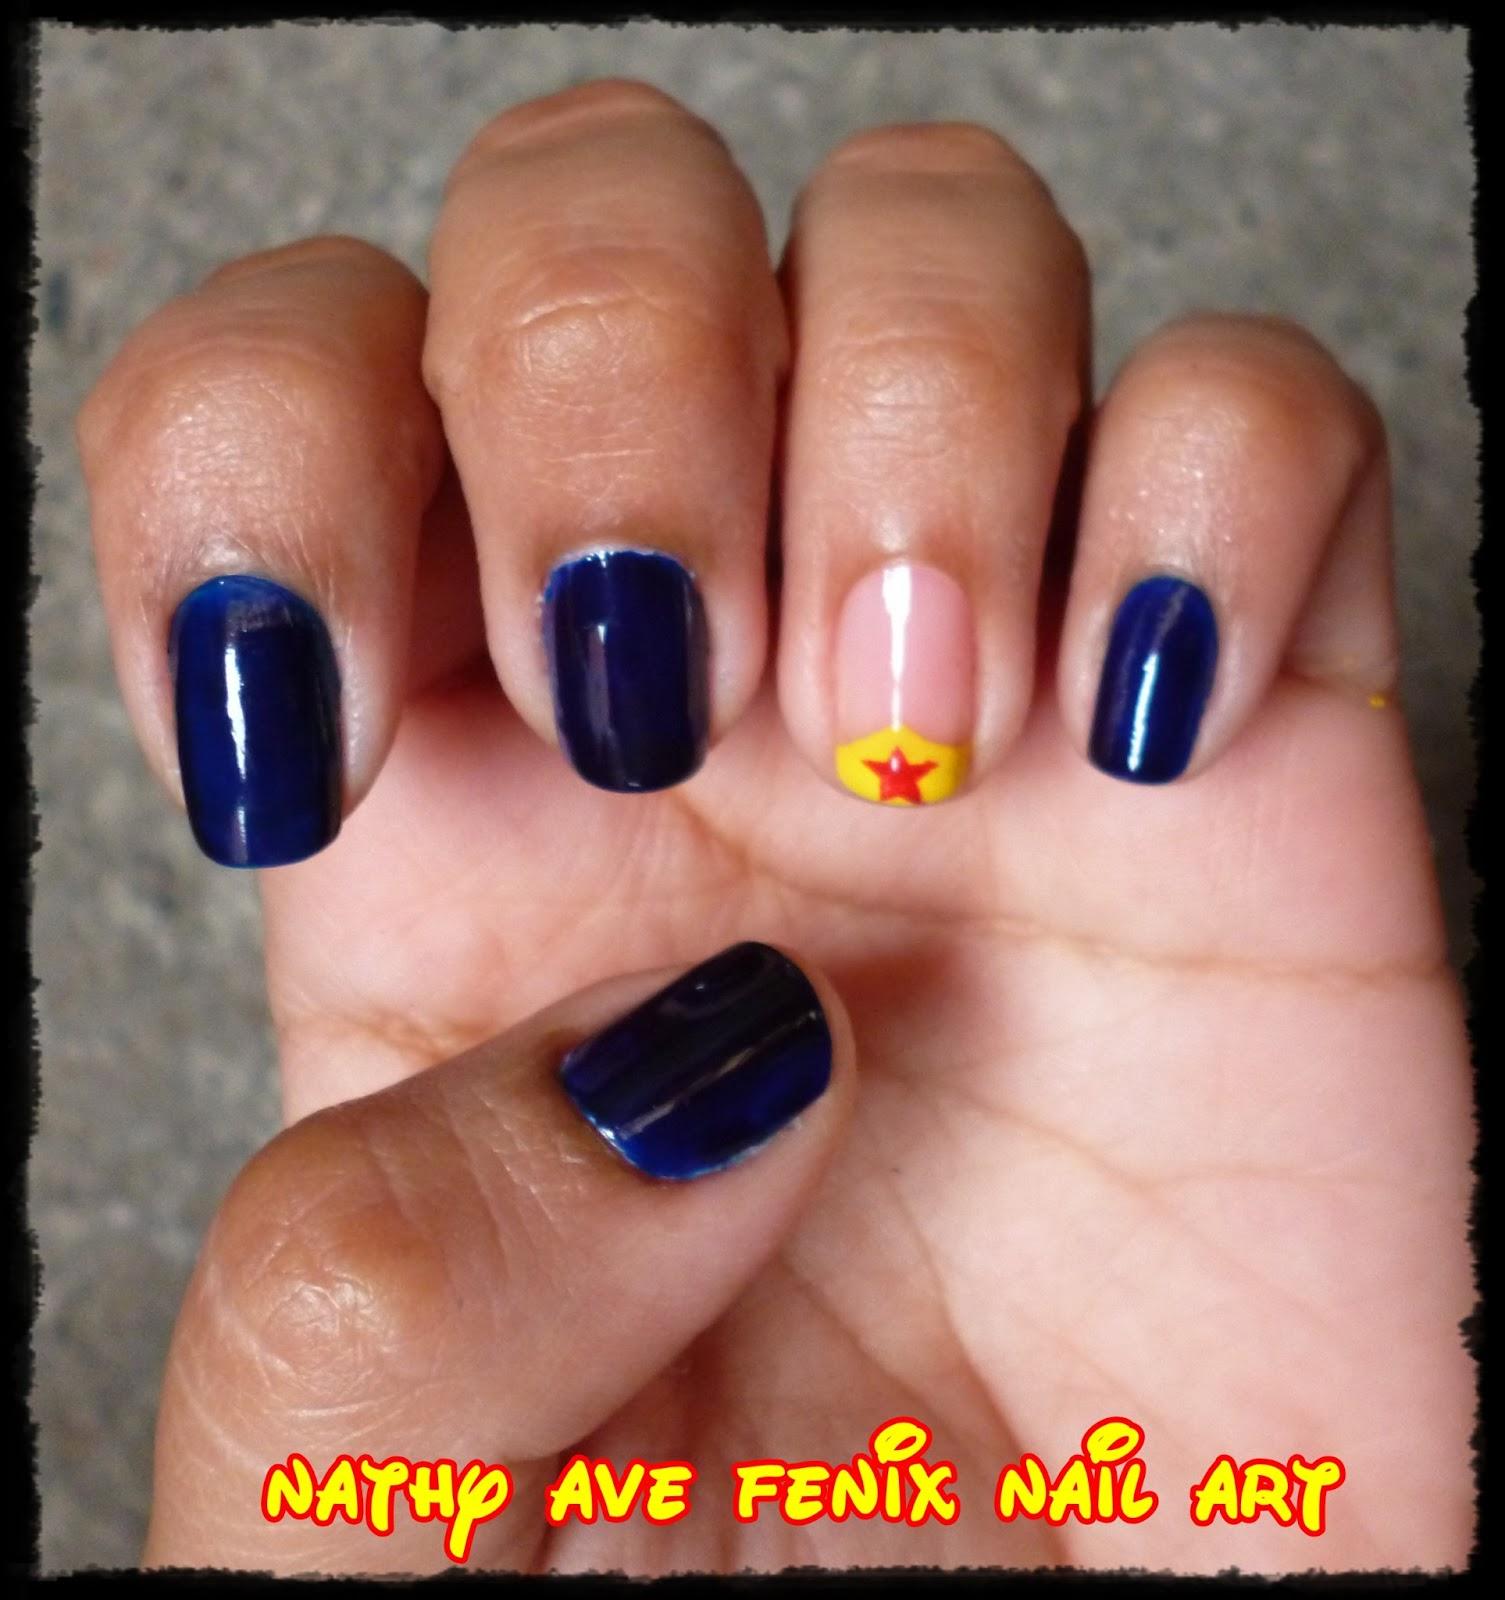 Nail Art Pik Avenue: NATHY AVE FENIX NAIL ART: DÍA 24 DEL RETO: SUPER HEROES